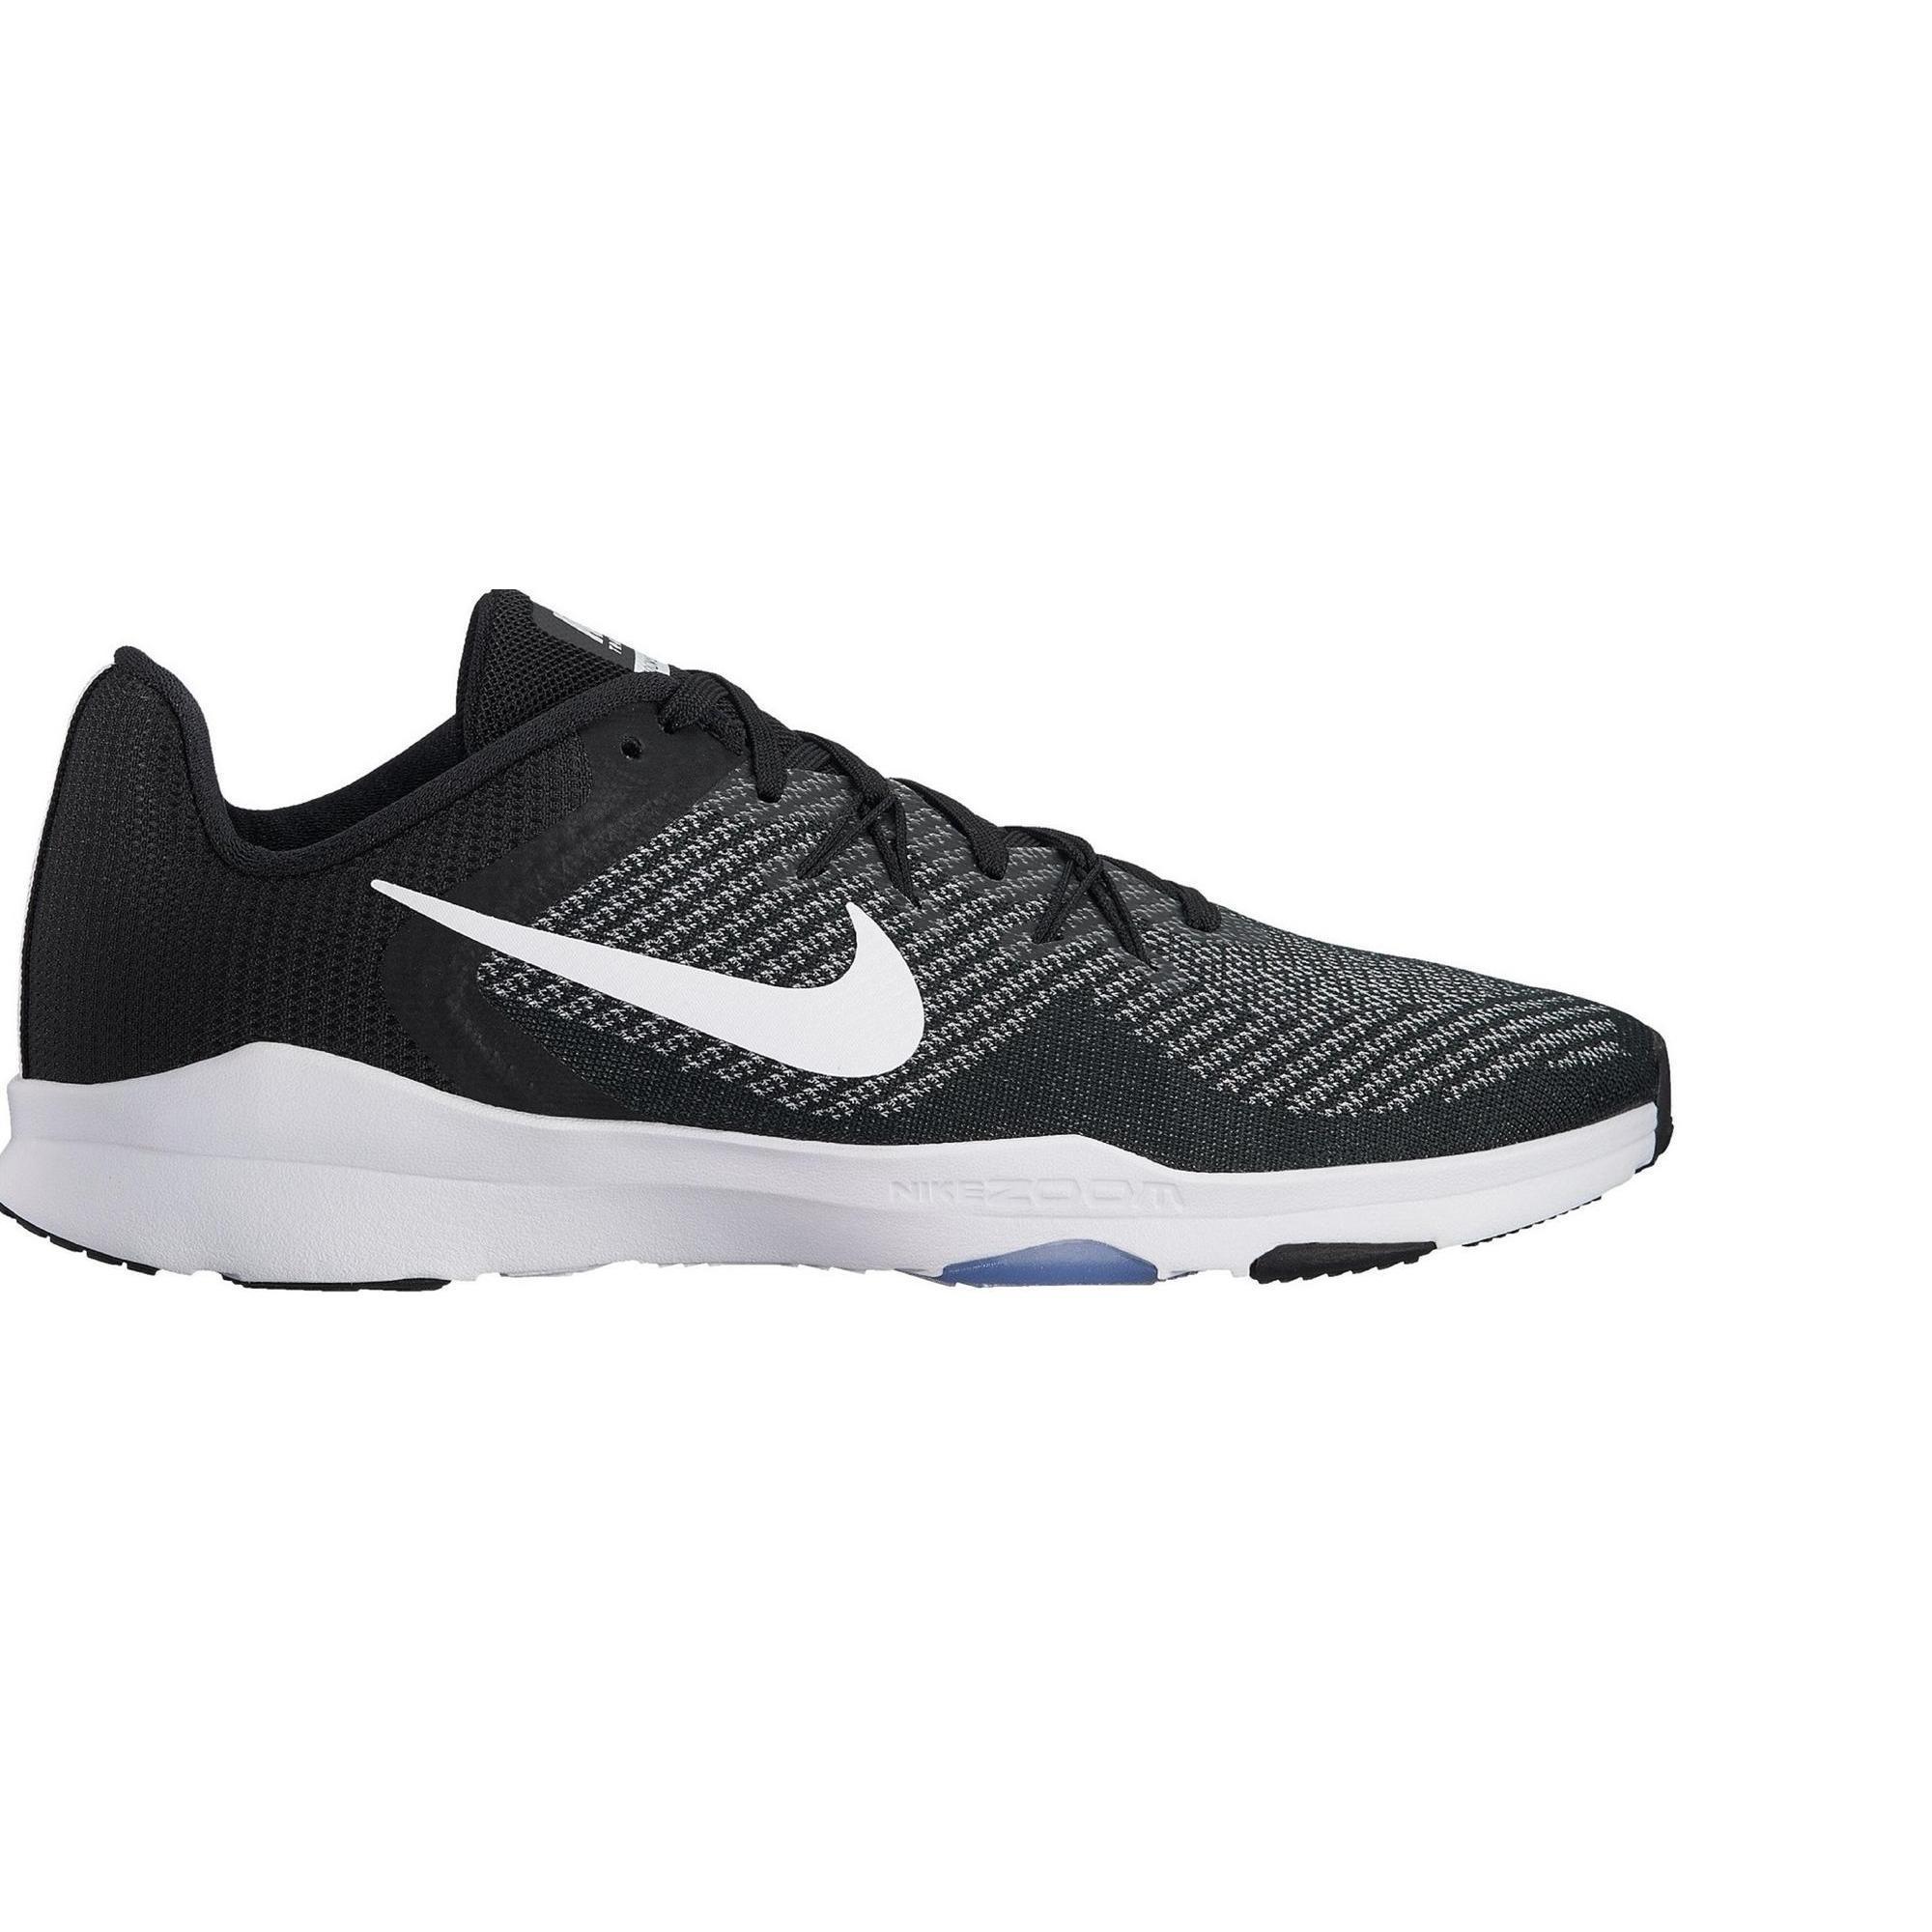 2409136 Nike Cardiofitness schoenen Nike Zoom Condition voor dames zwart en wit.